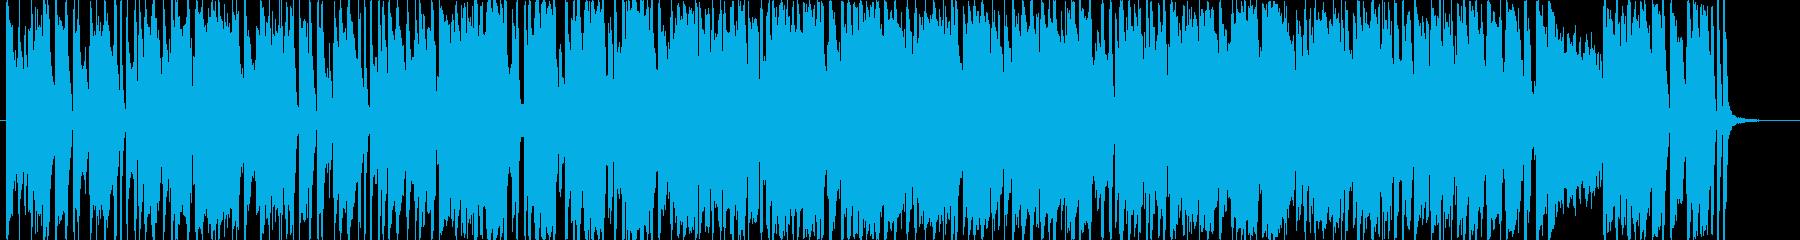 明るいポップス ゲーム機のピコピコ音の再生済みの波形